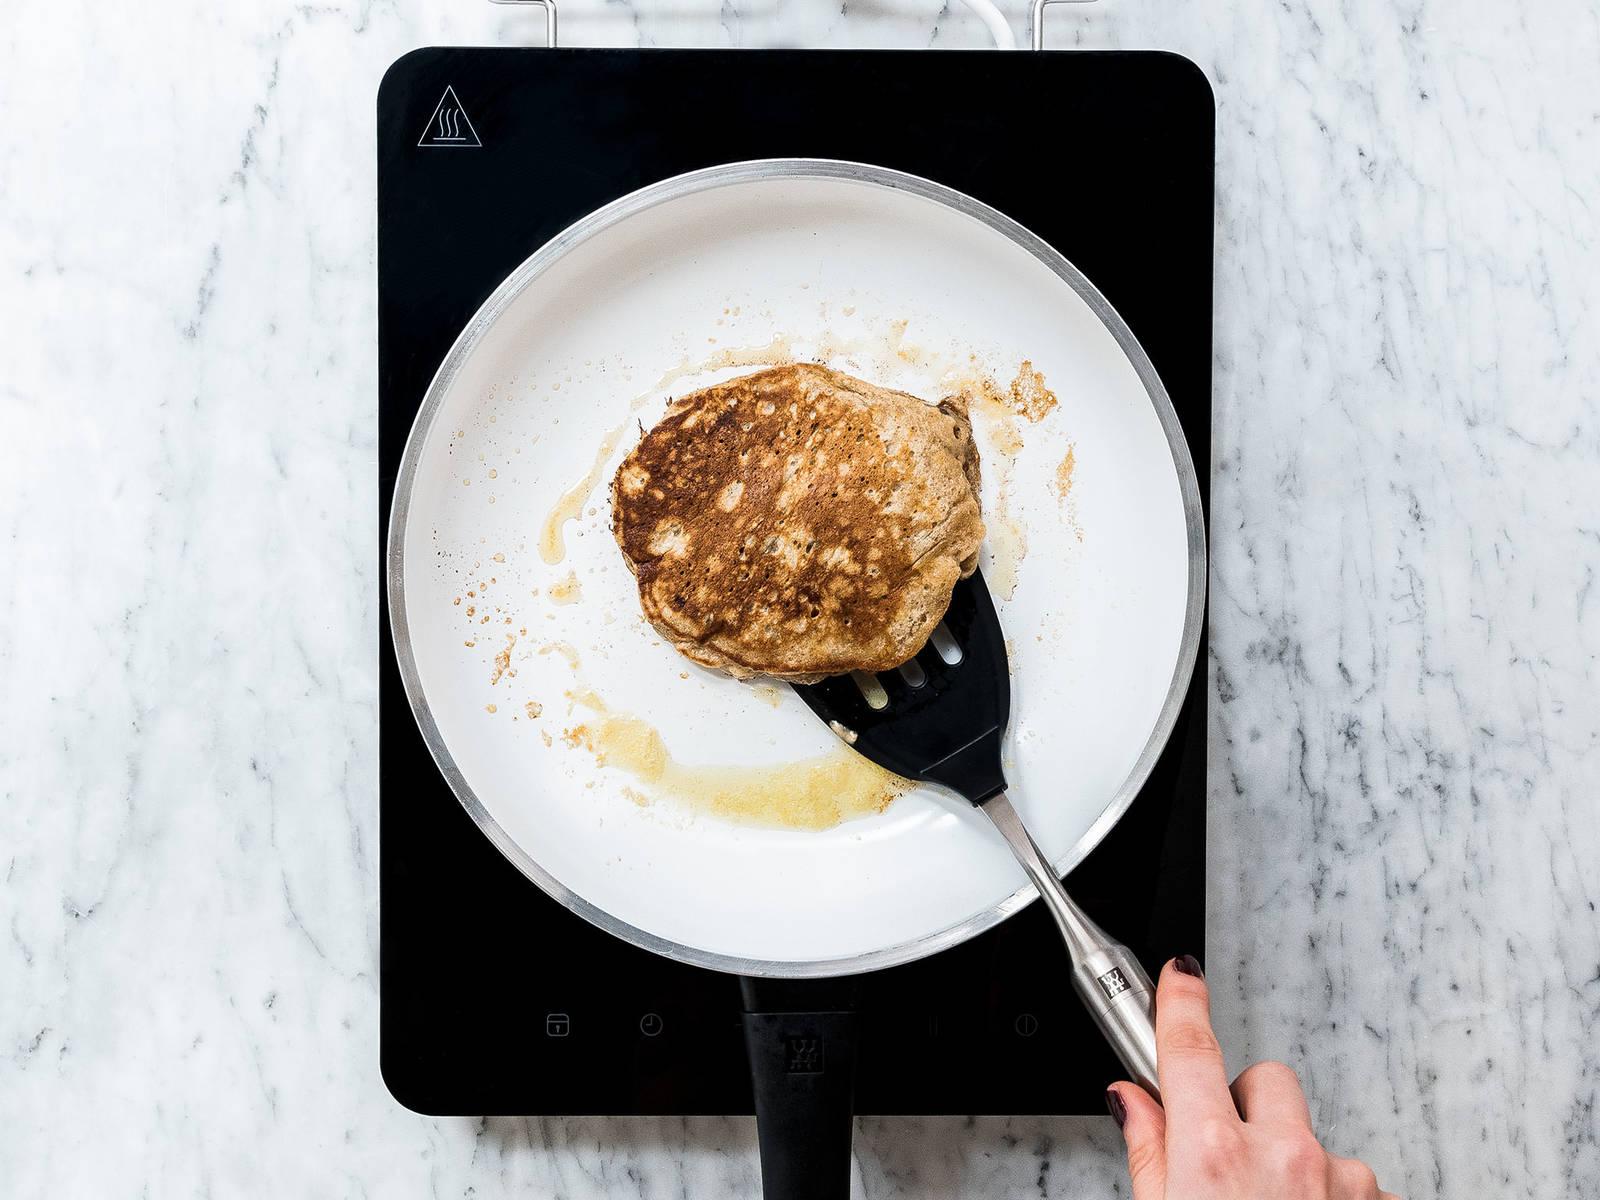 Butter in einer Pfanne über mittlerer Hitze schmelzen. Etwas Teig kreisförmig in die Pfanne geben und mit Schokotröpfchen bestreuen. Solange braten, bis der Teig leichte Blasen schlägt. Anschließend wenden und weiter braten bis der Pancake goldbraun ist. Mit restlichem Teig und Schokotröpfchen wiederholen bis beides aufgebraucht ist.